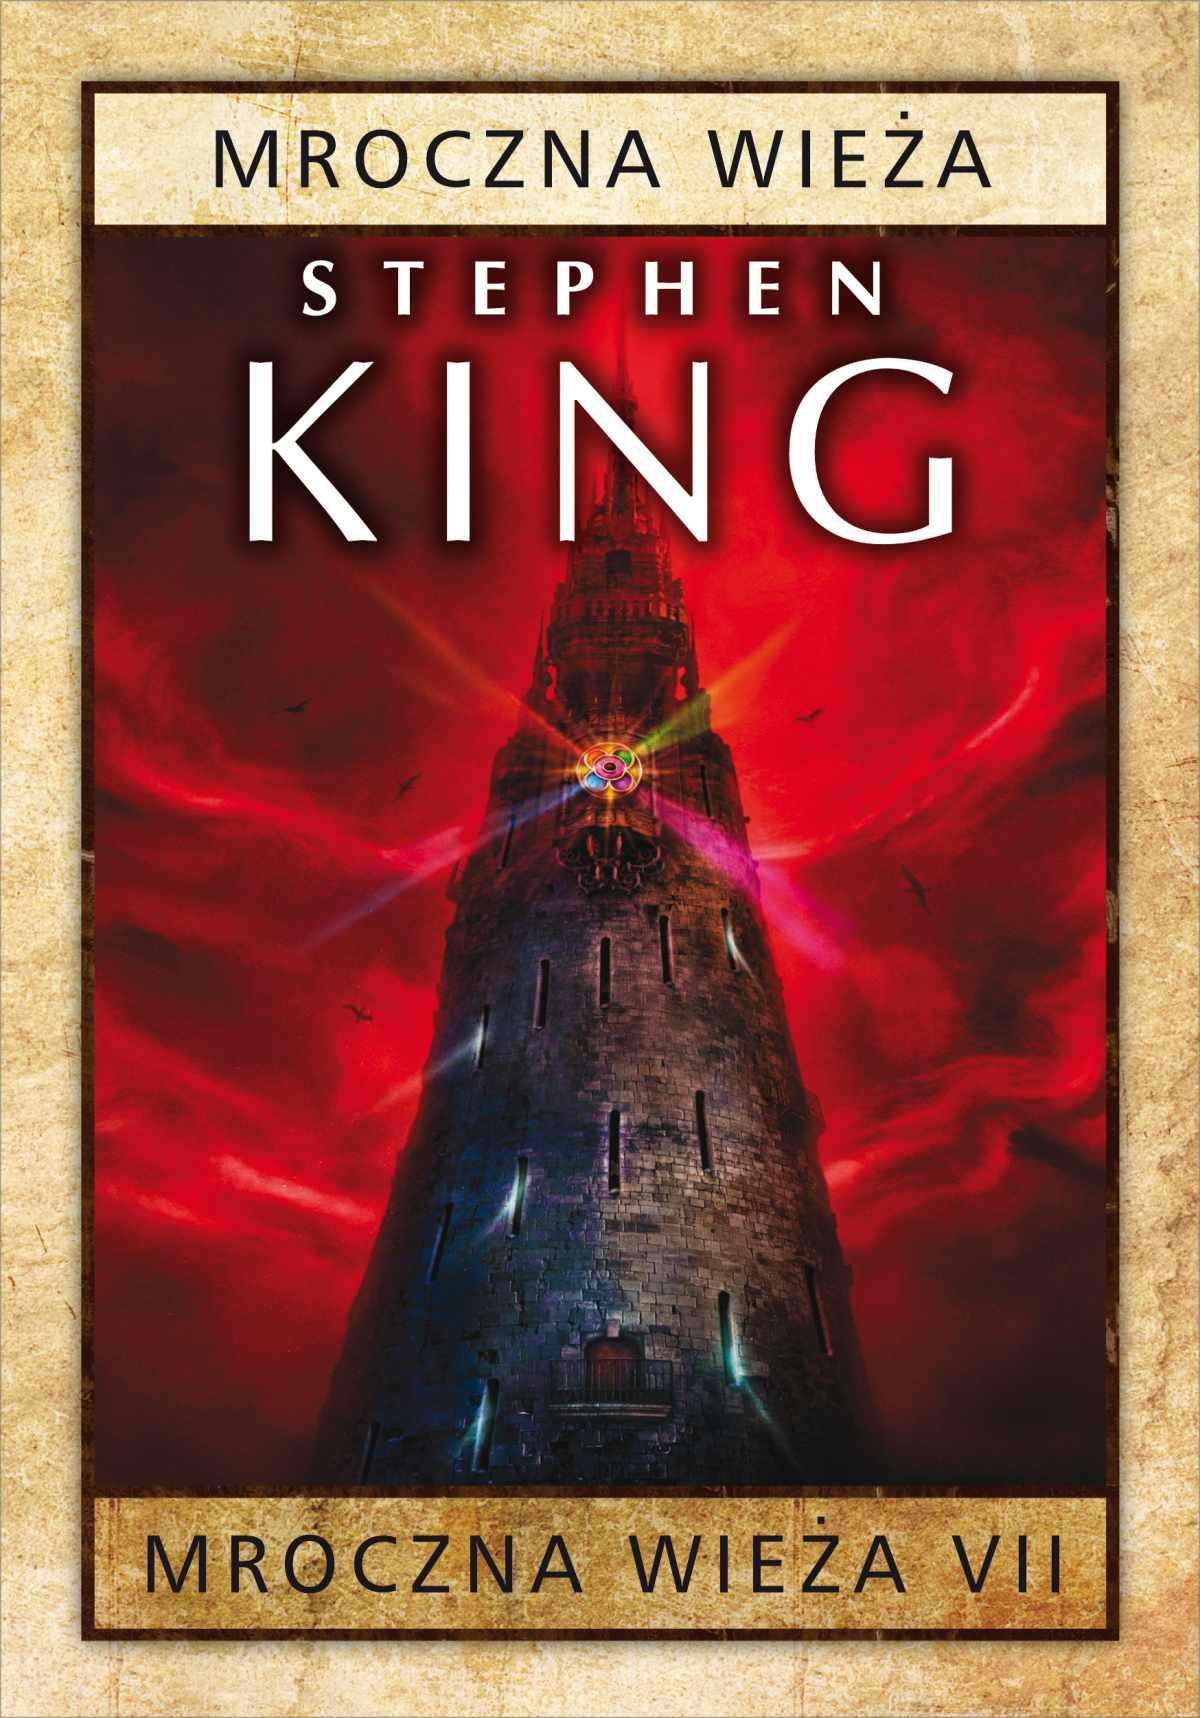 Mroczna Wieża VII: Mroczna Wieża - Ebook (Książka EPUB) do pobrania w formacie EPUB